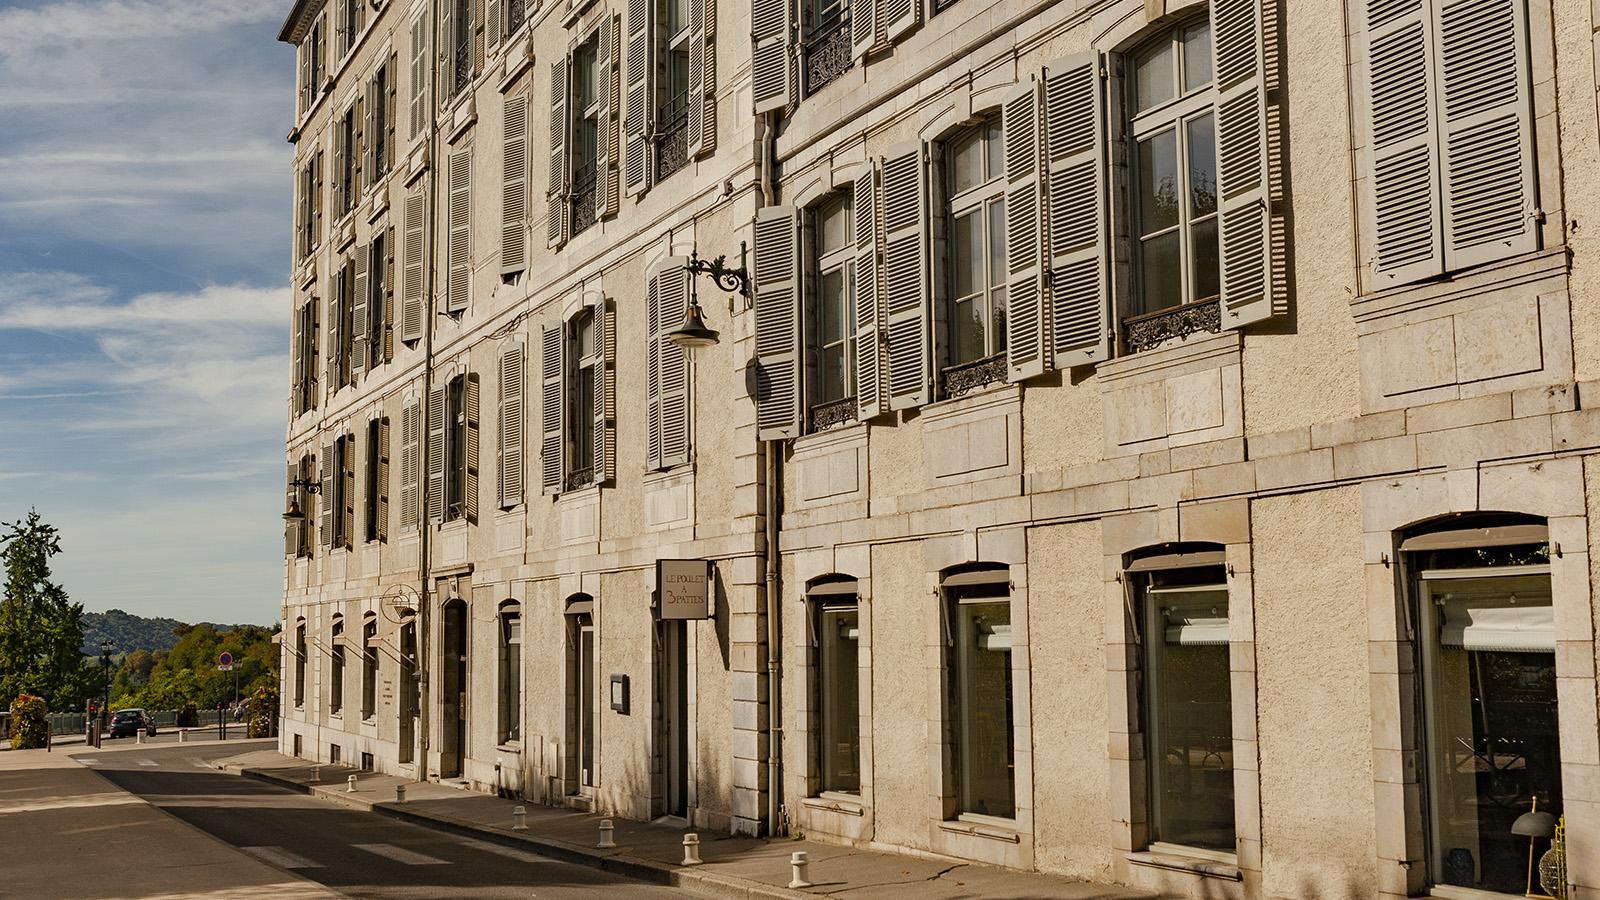 """Pau: das Restaurant """"Poulet à trois Pattes"""" am Boulevard der Pyrenäen. Foto: Hilke Maunder"""